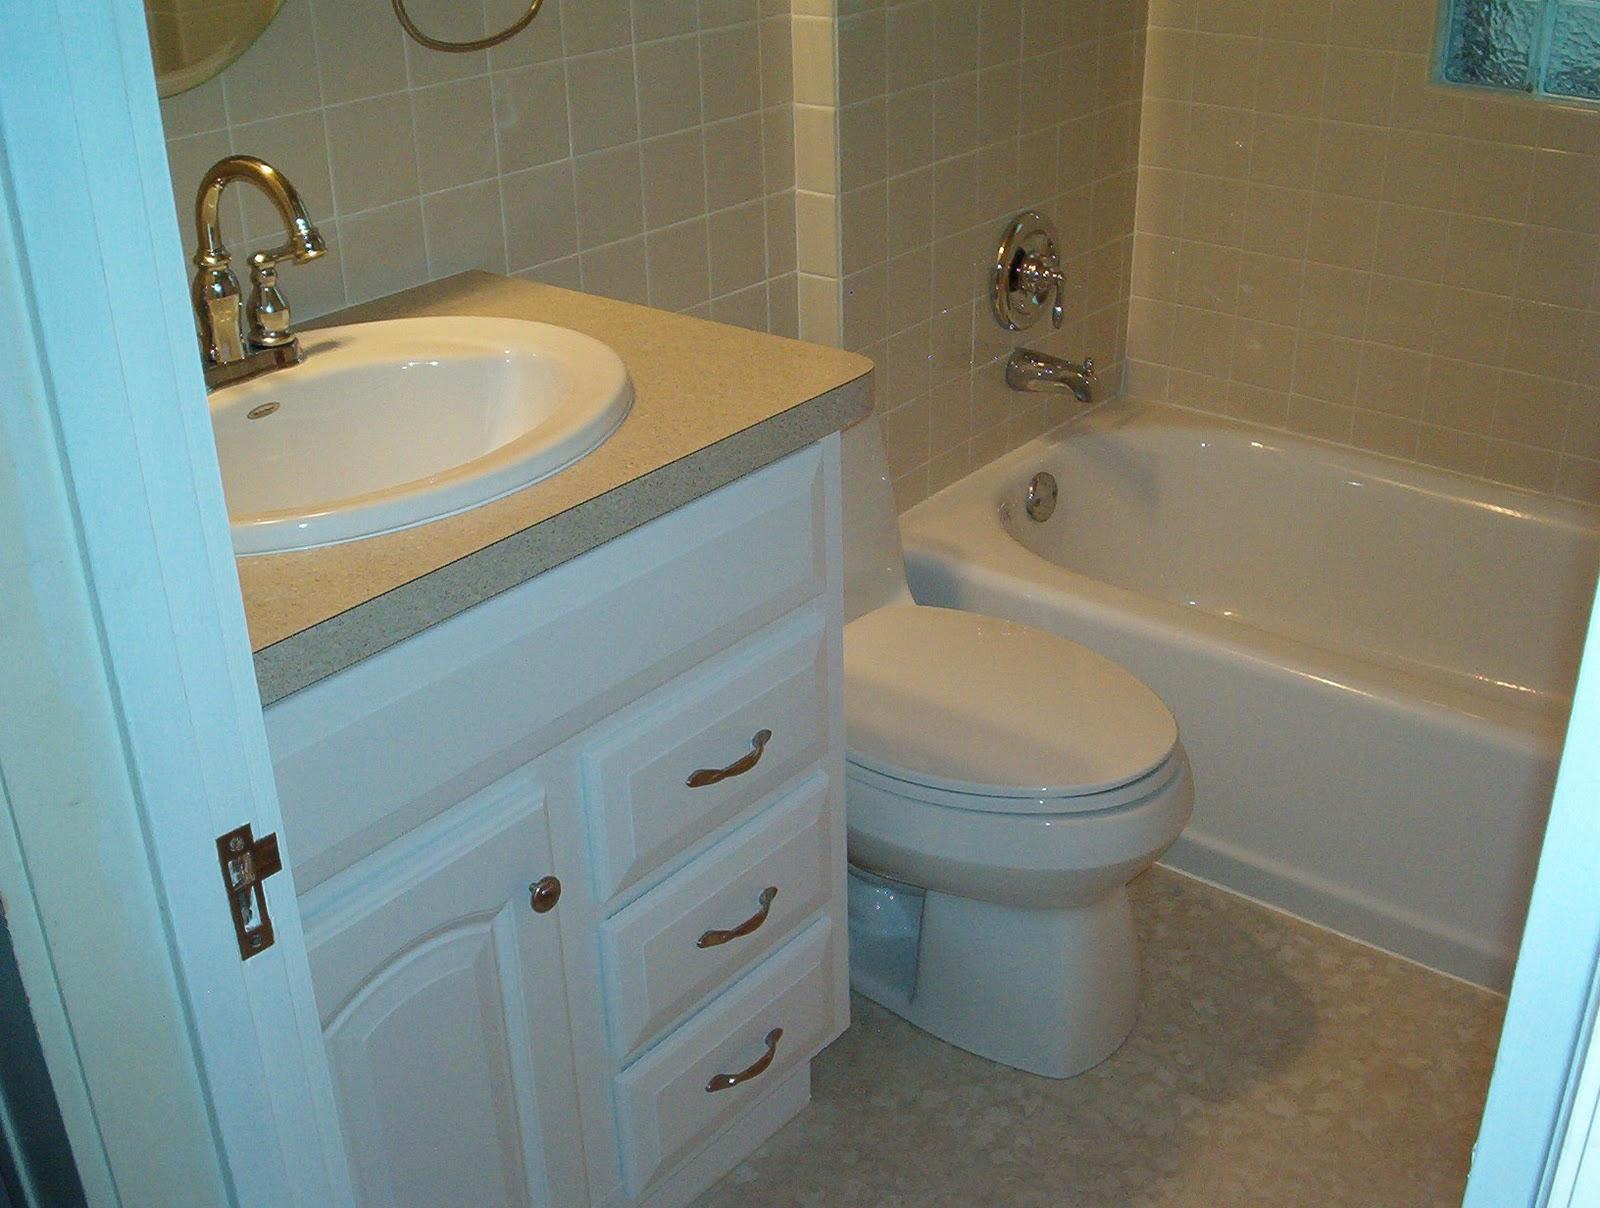 Фото дизайна для маленькой ванной комнаты в светлом варианте отделки